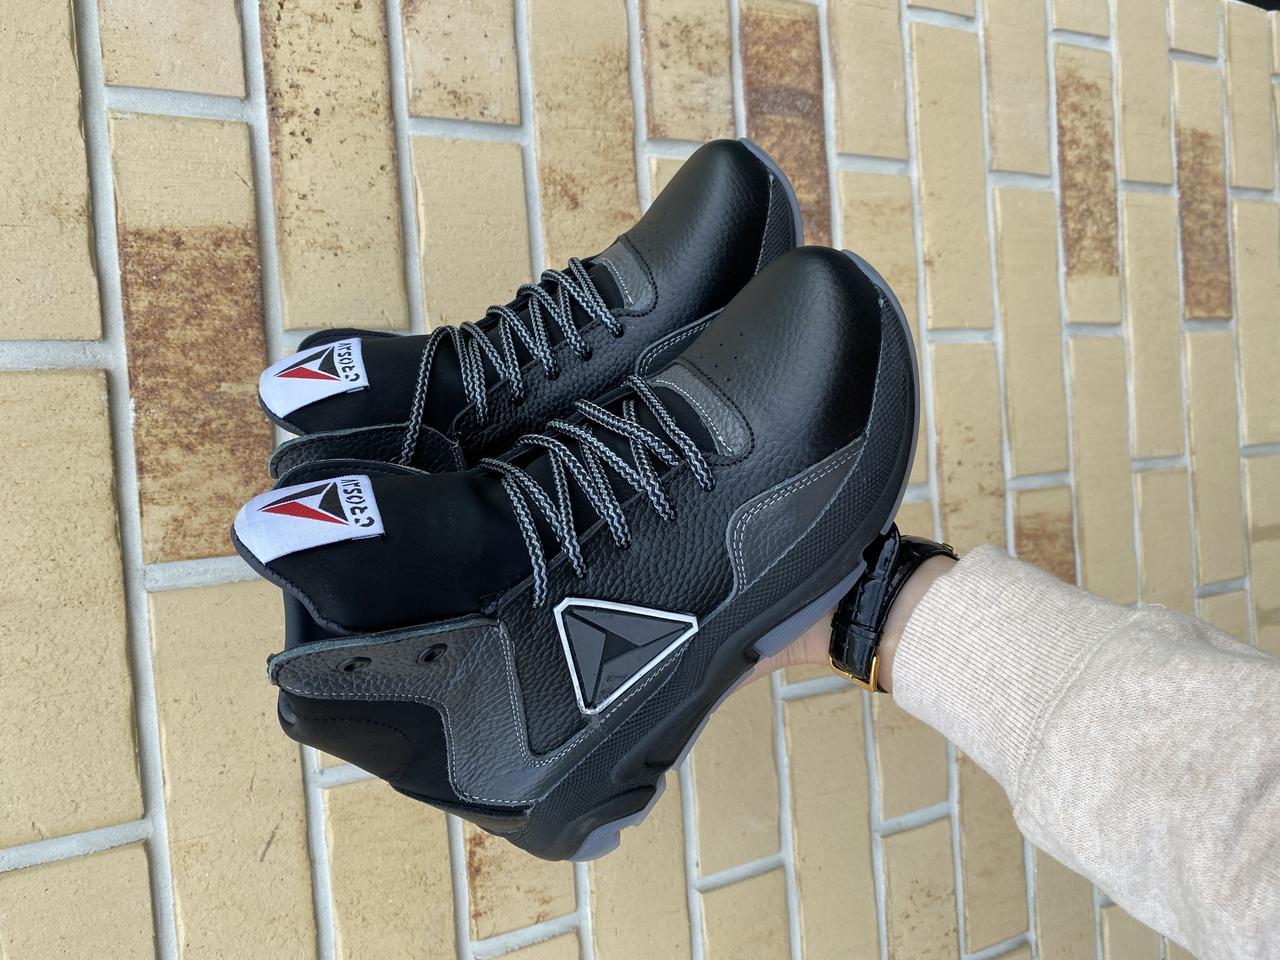 Подростковые кроссовки кожаные зимние черные-серые CrosSAV z 317 Sport